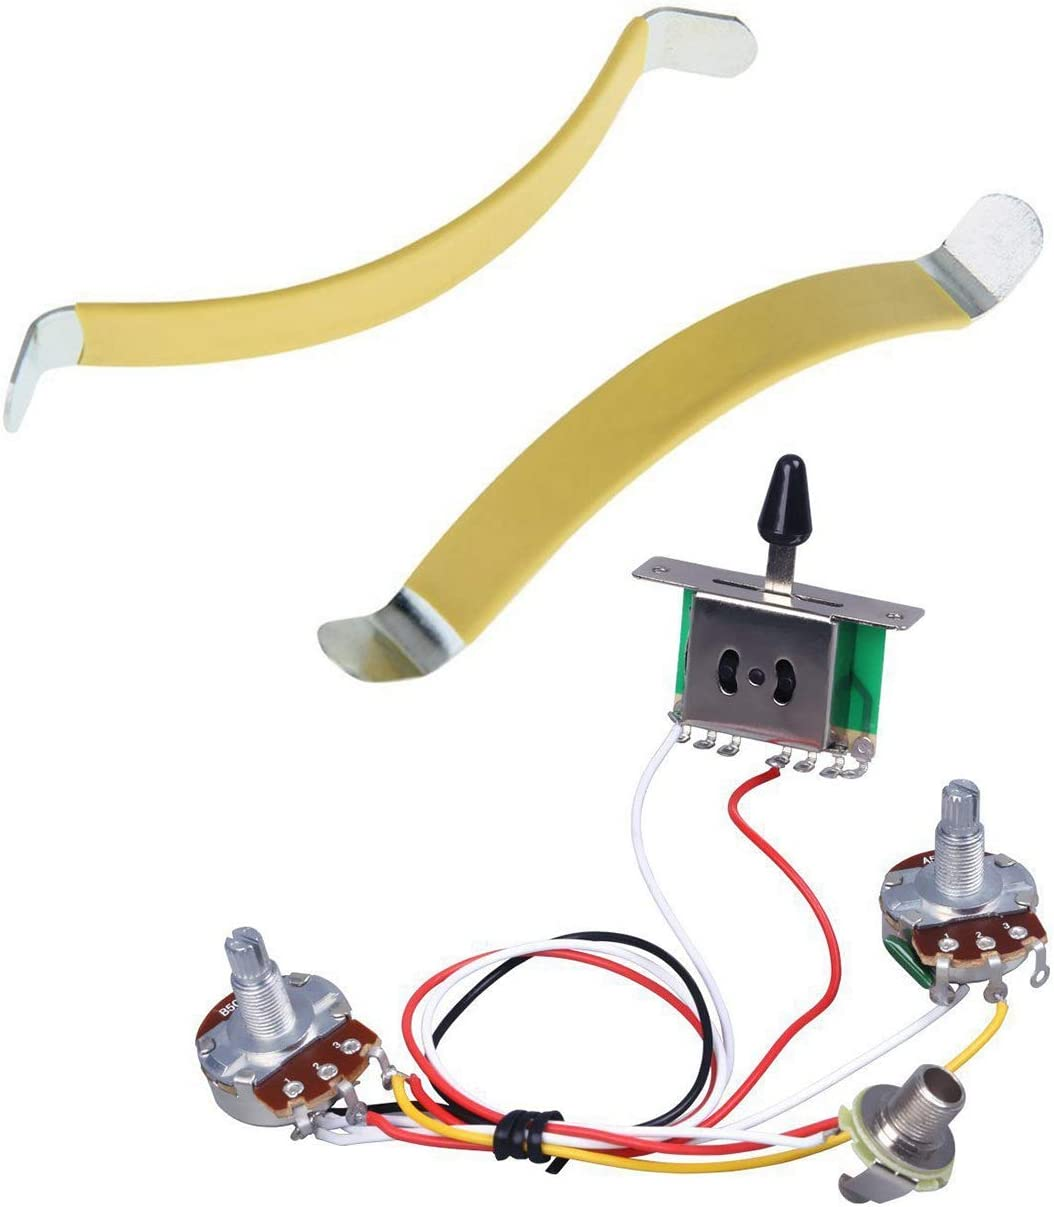 Vrttlkkfe 2 esparcidores de cuerdas de metal para guitarra Luthier y 1 arnés para guitarra, interruptor de palanca de 3 vías 1V1T 500K